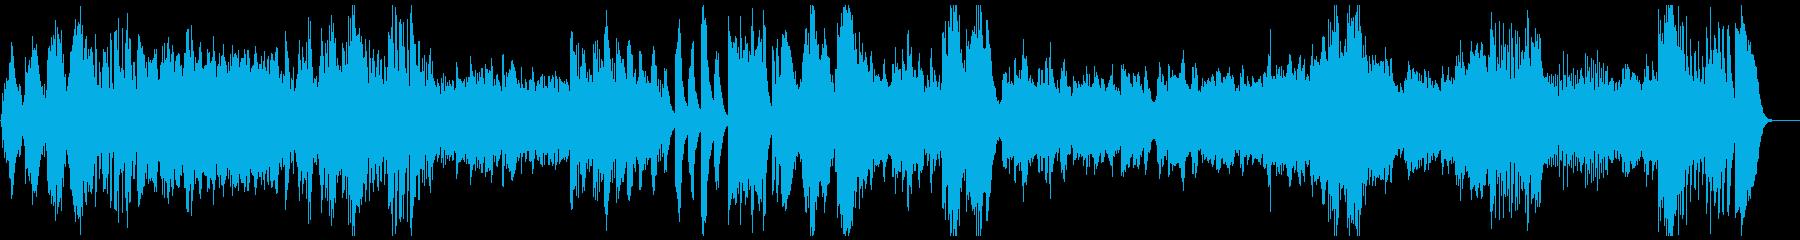 RV522_3『アレグロ』ビバルディの再生済みの波形